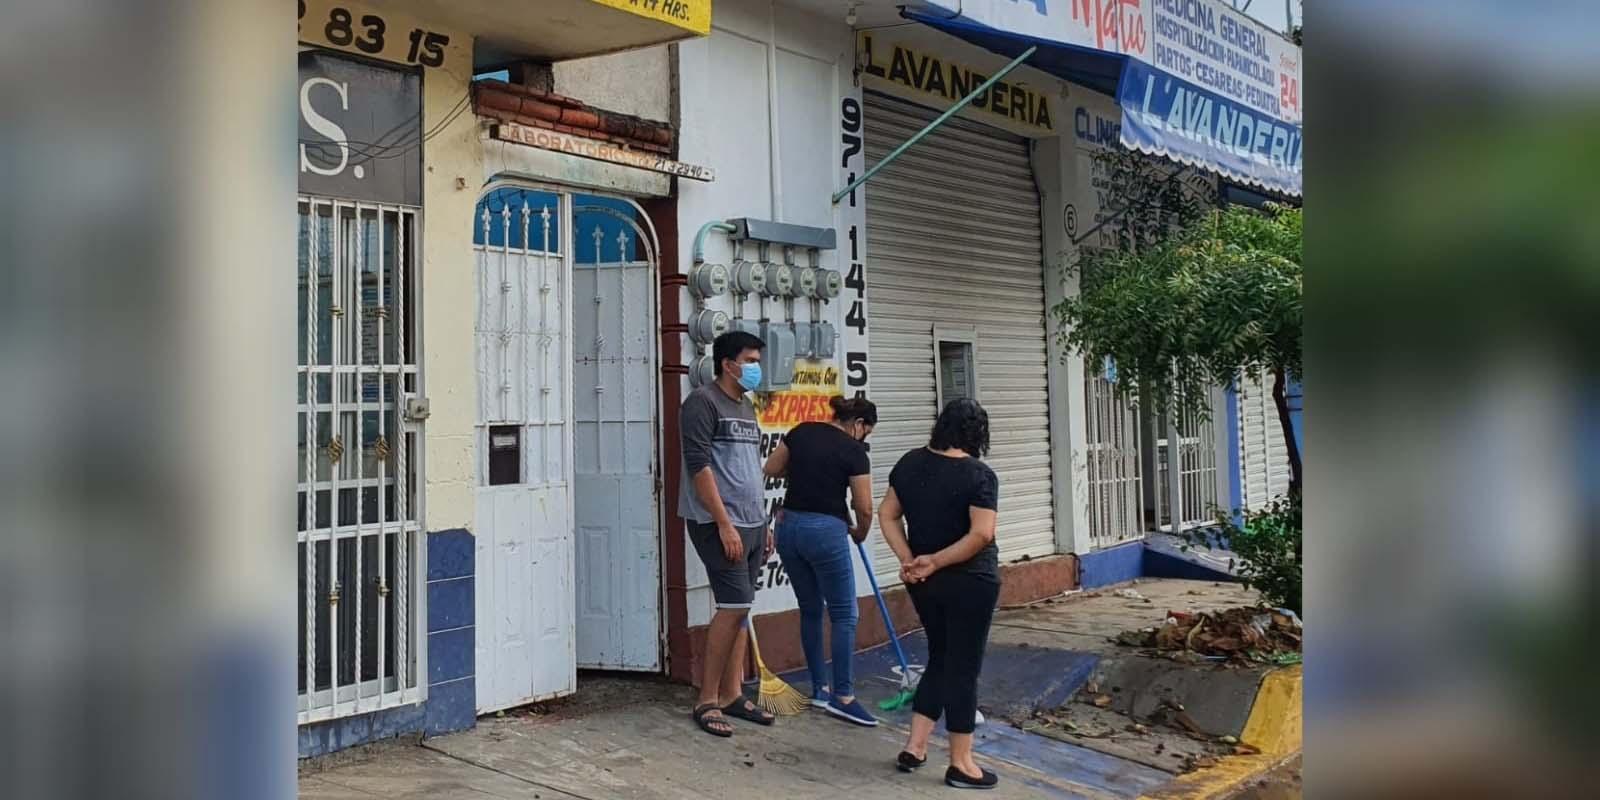 Se inundan varios  comercios tras una   tormenta eléctrica   El Imparcial de Oaxaca